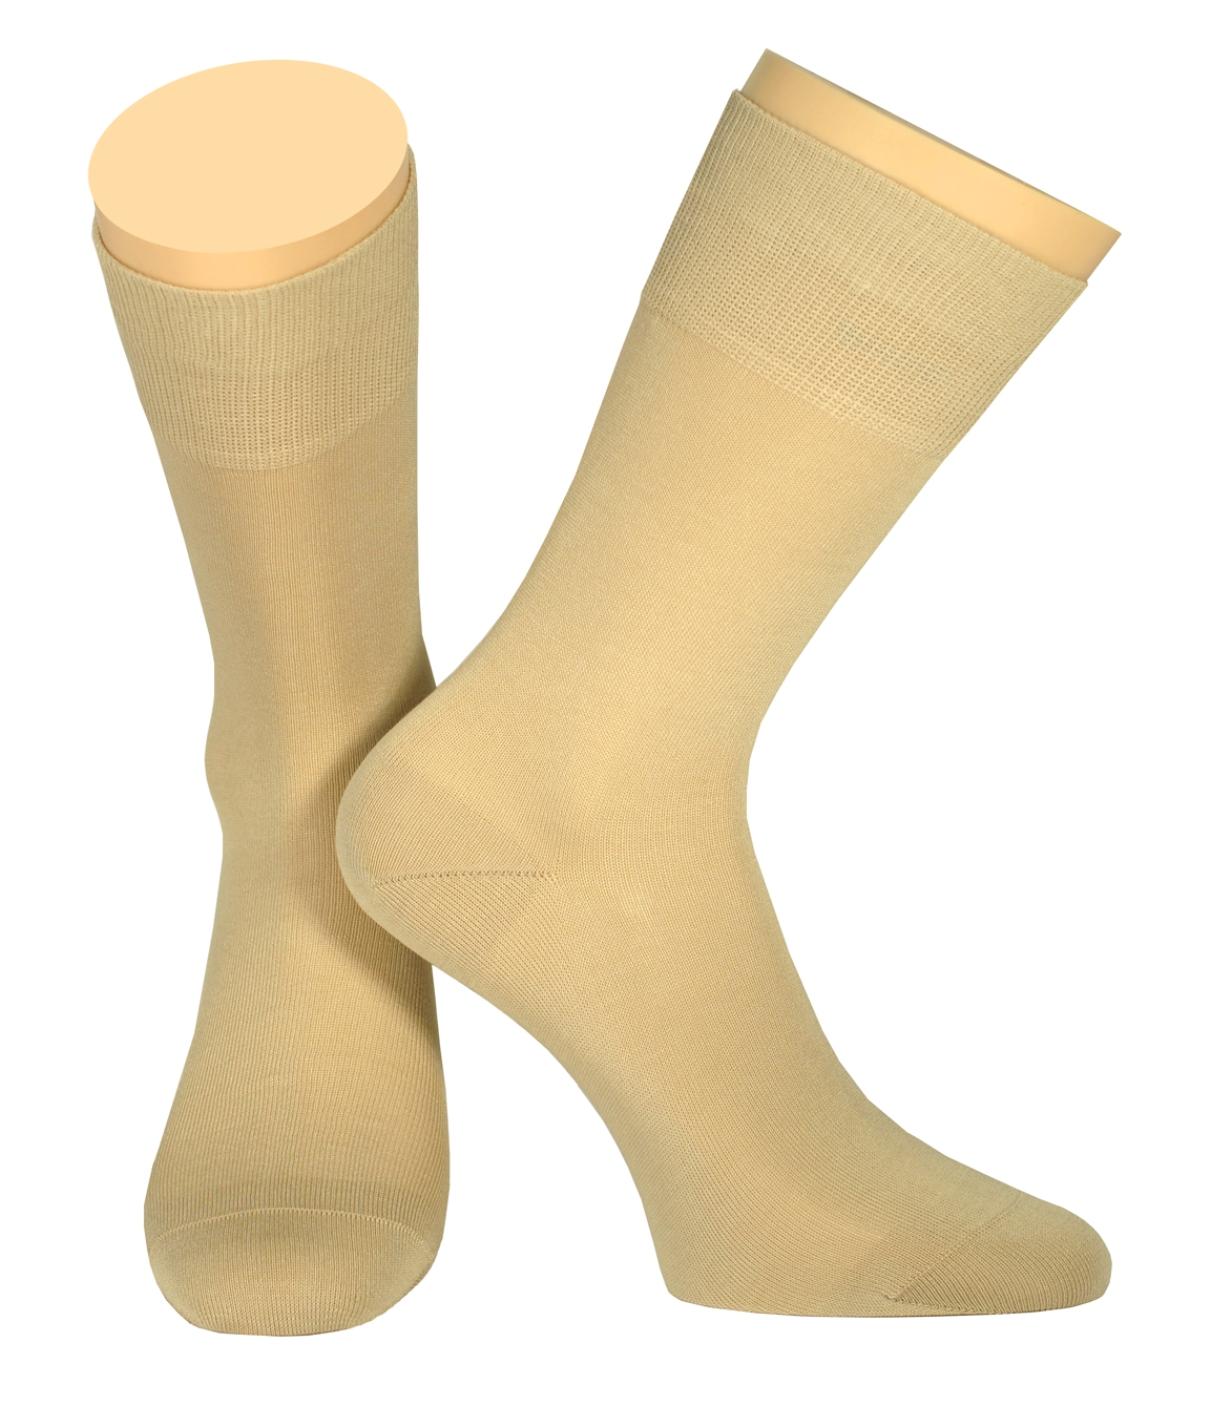 Носки мужские Collonil, цвет: бежевый. 141/04. Размер 44-46141/04Мужские носки Collonil изготовлены из мерсеризованного хлопка.Носки с удлиненным паголенком. Широкая резинка не сдавливает и комфортно облегает ногу.